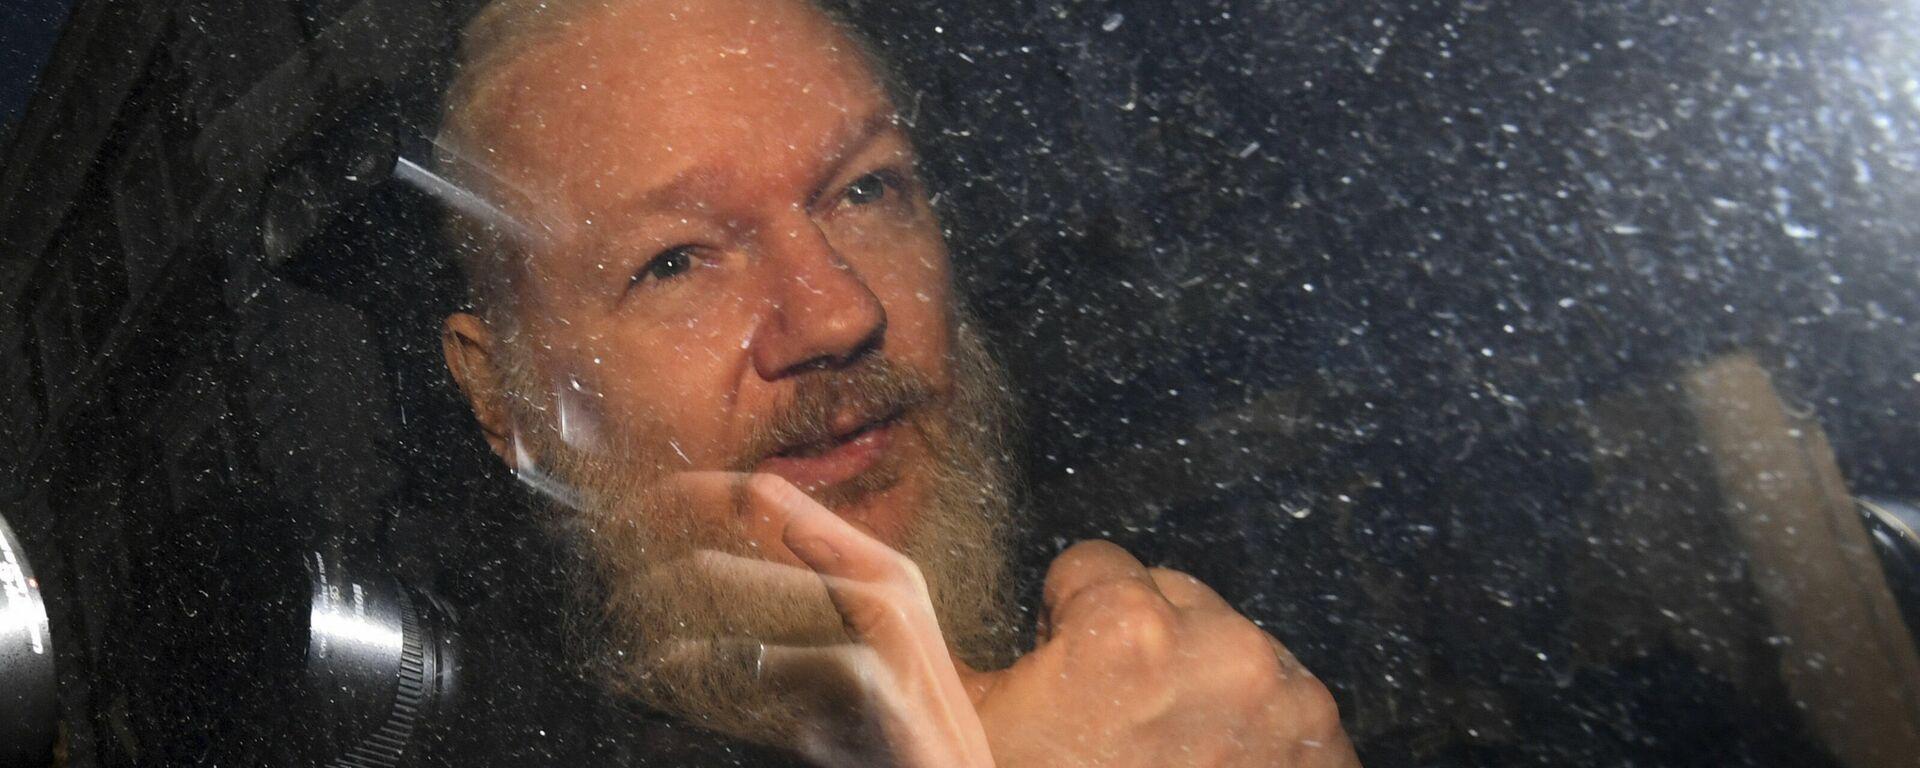 Zakladatel WikiLeaks Julian Assange - Sputnik Česká republika, 1920, 07.06.2021